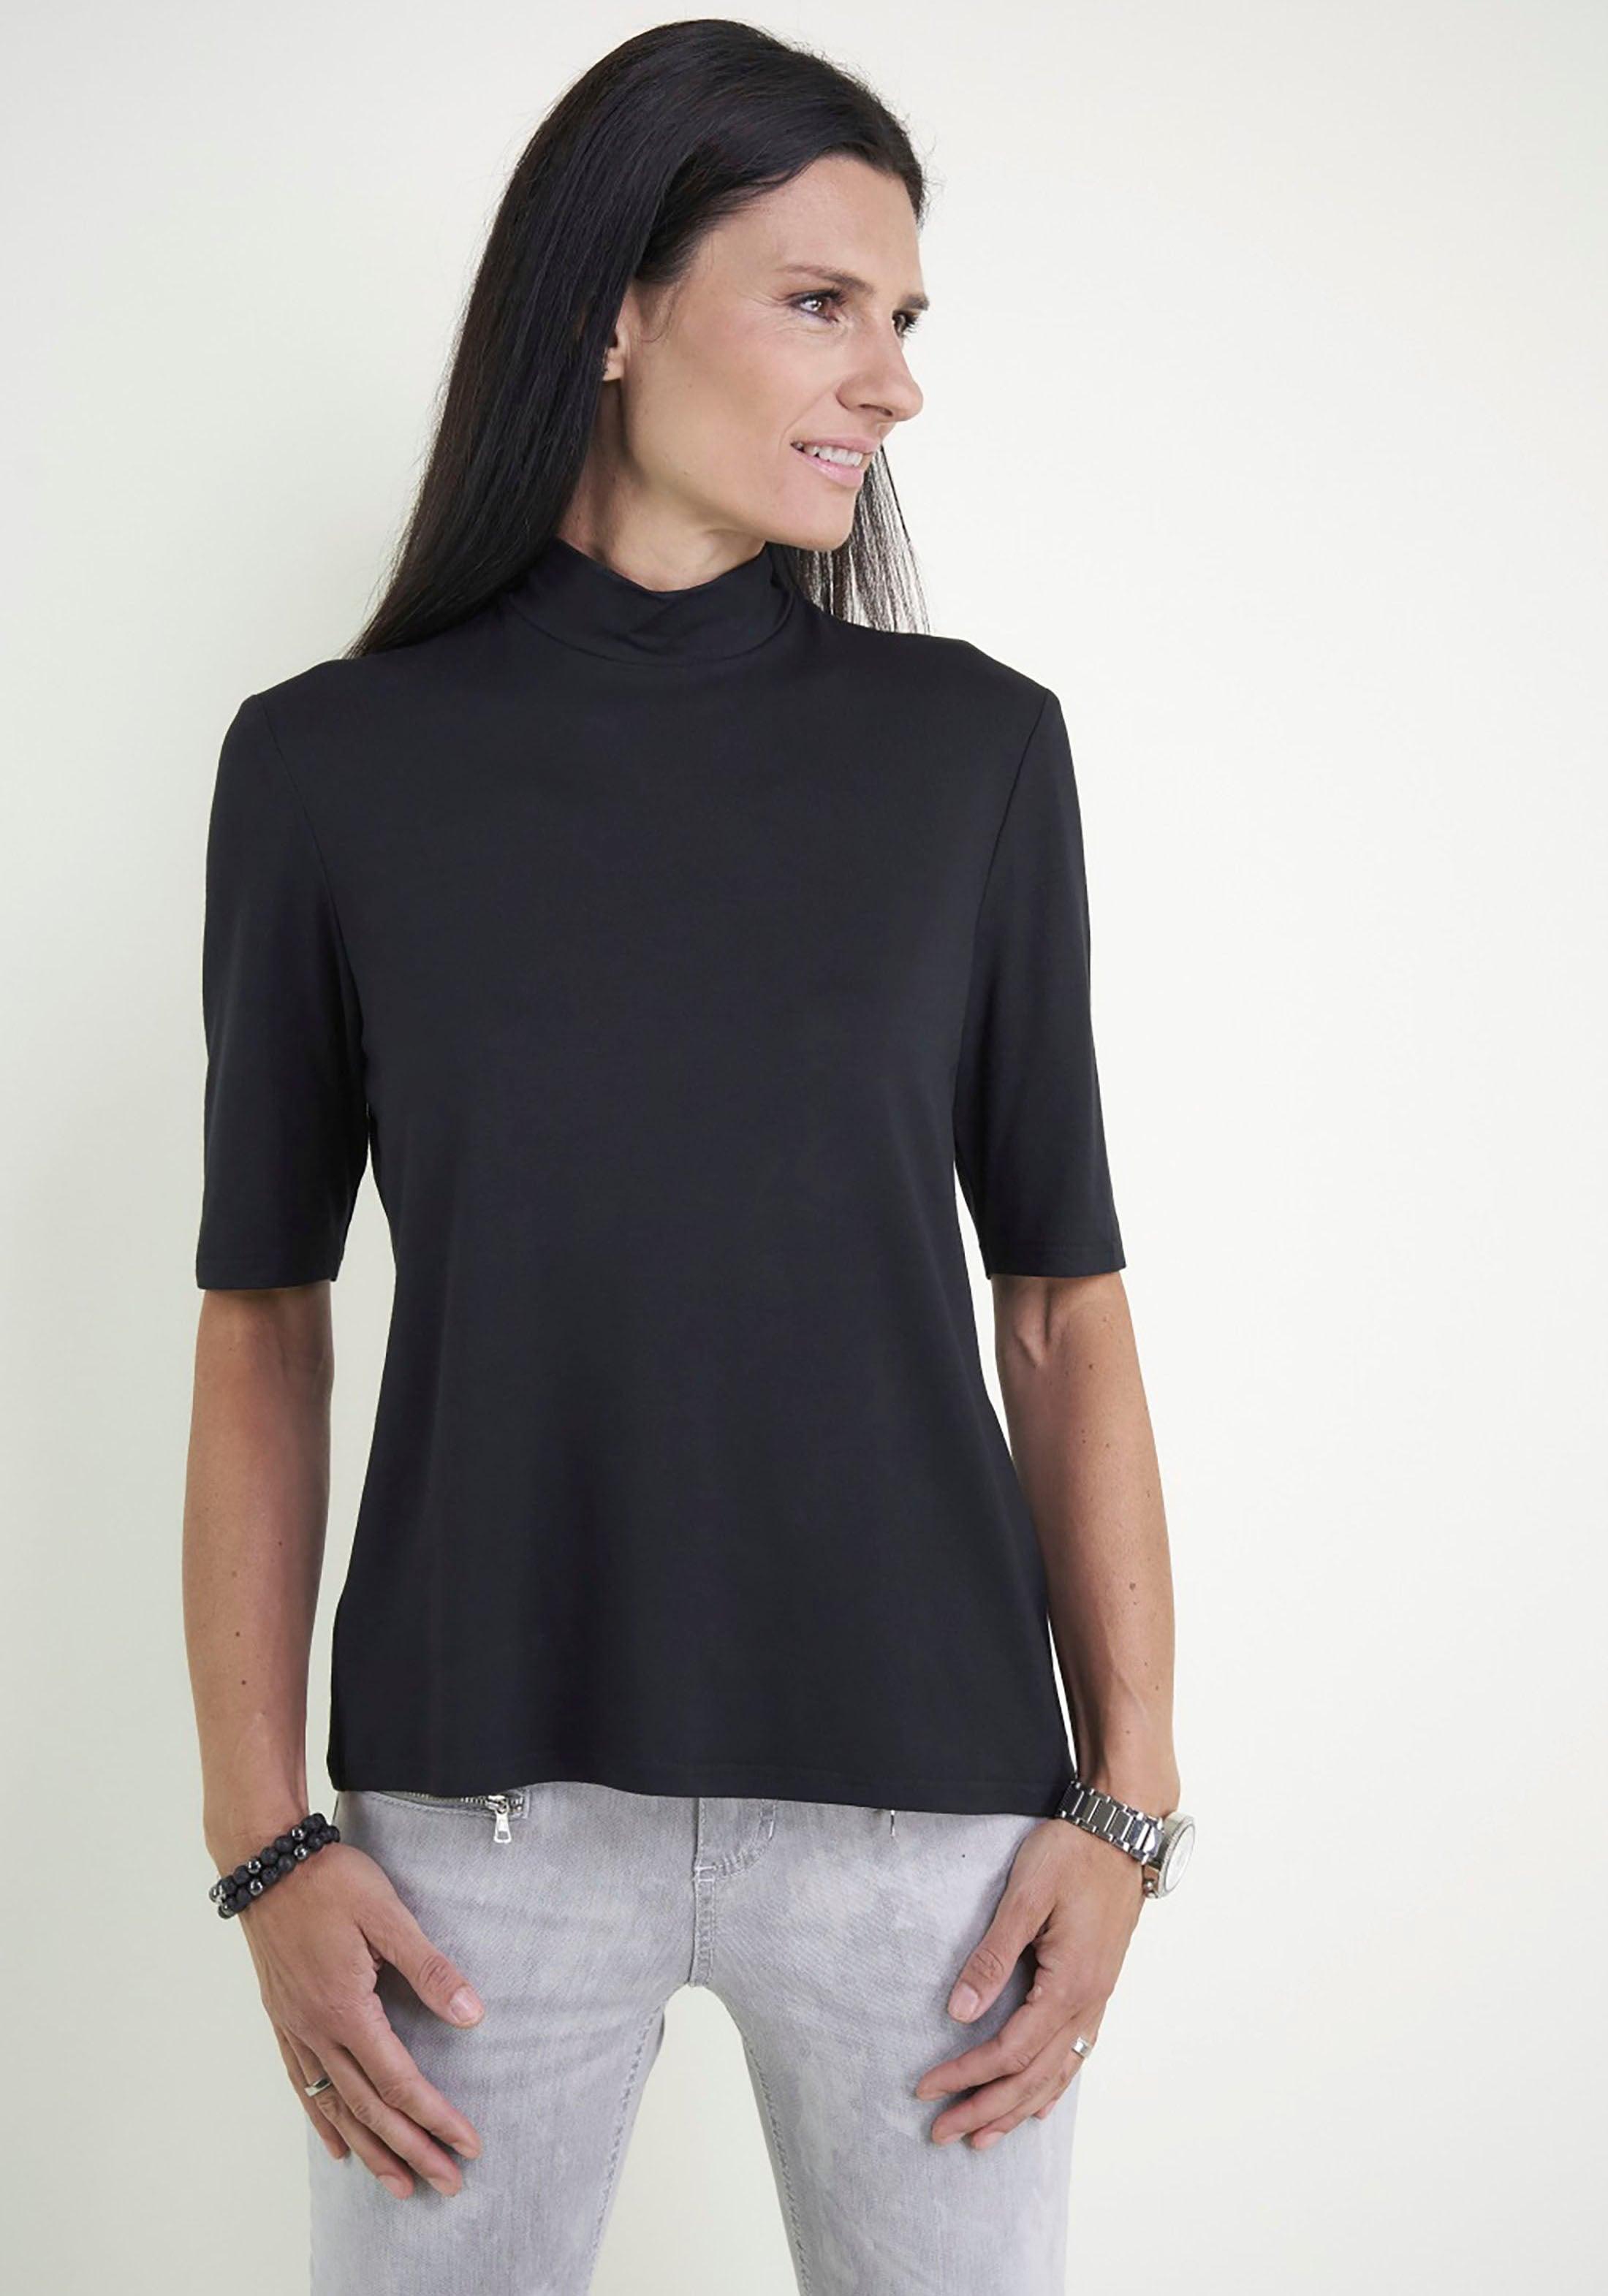 seidel moden -  T-Shirt, mit Stehkragen, Made in Germany